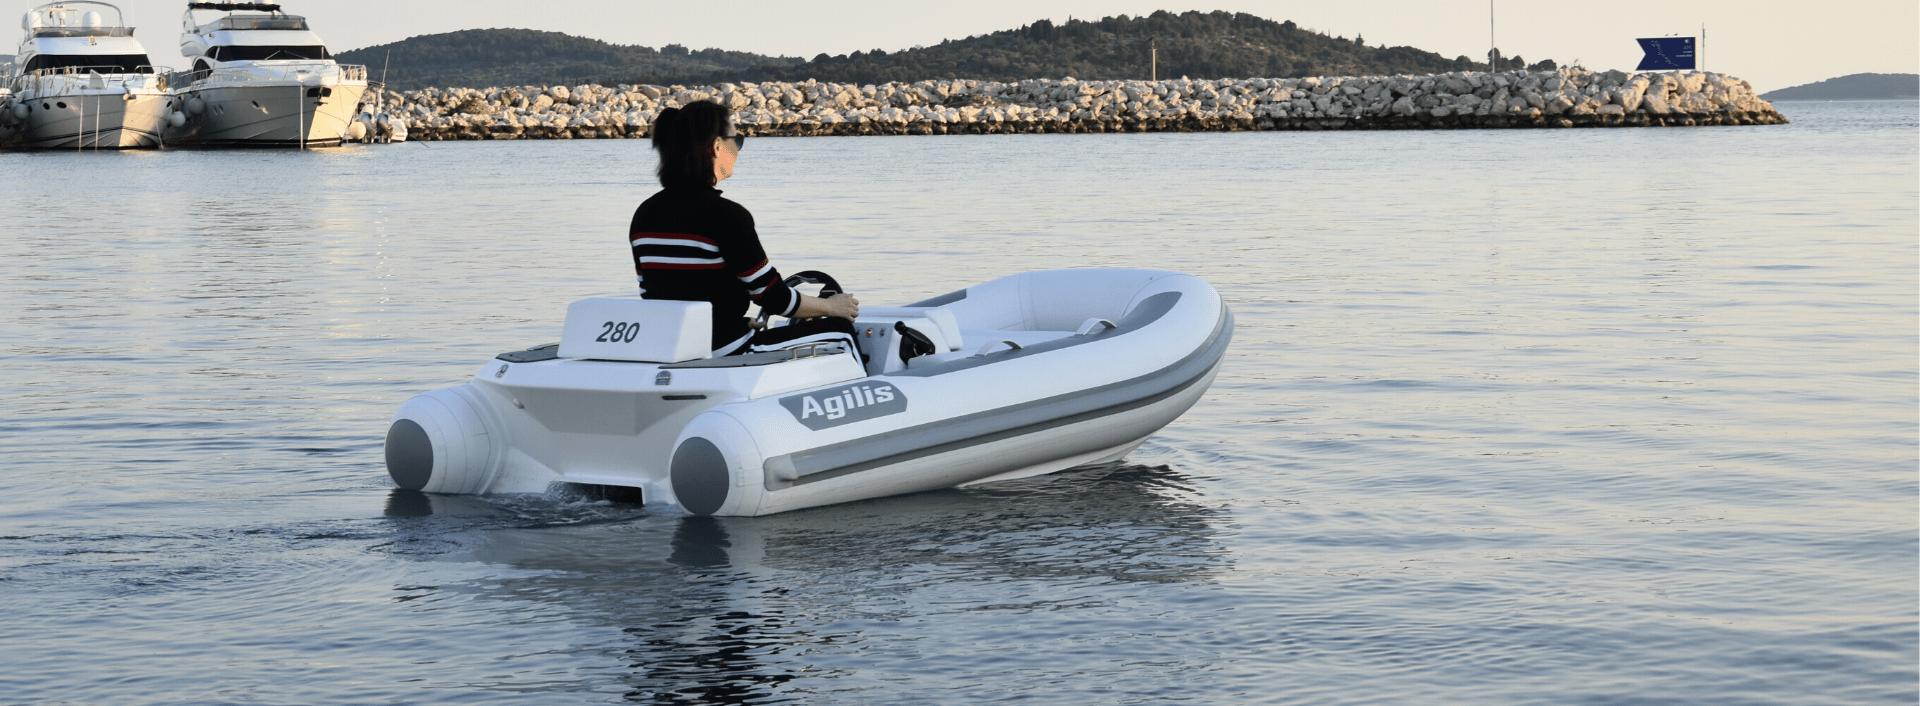 Agilis 280 in calm marine